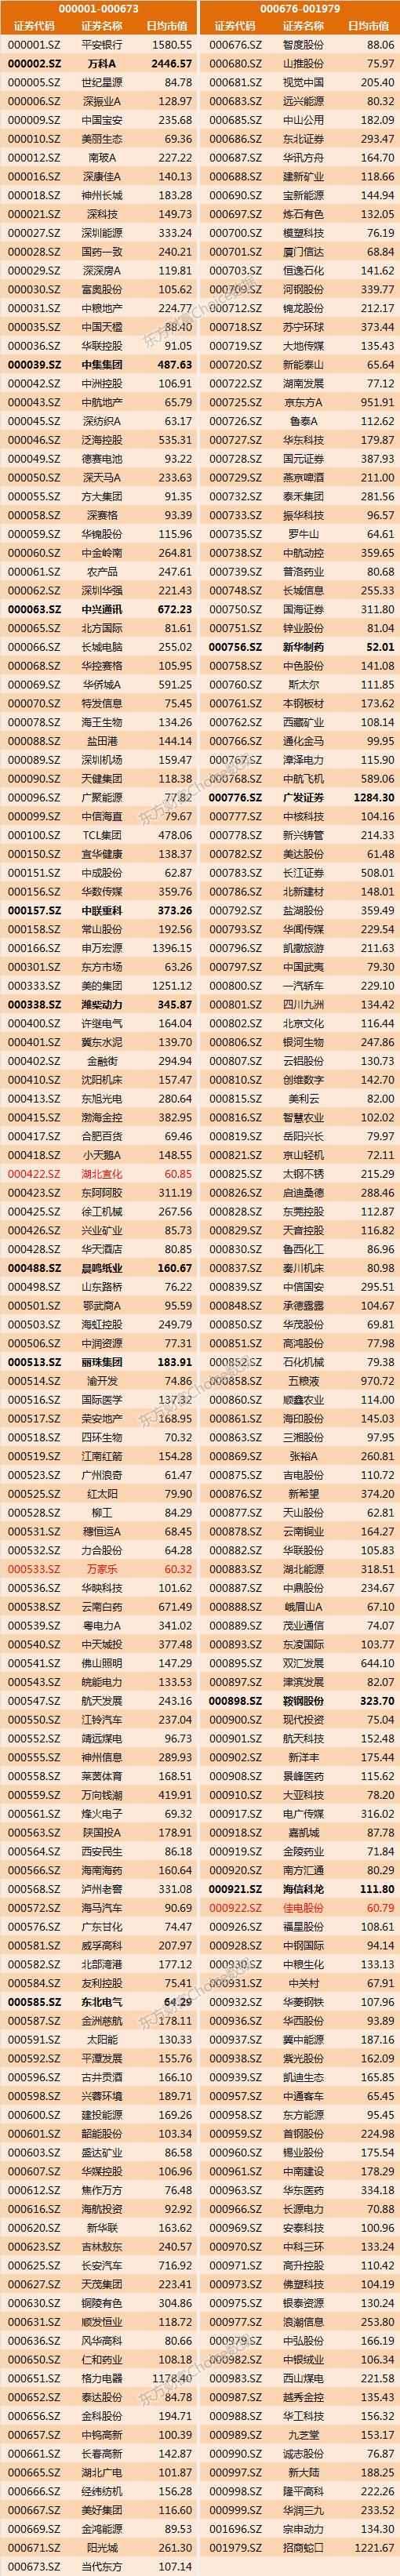 深港通标的股一览表 最新最全!深港通股票名单大揭秘(全榜单)